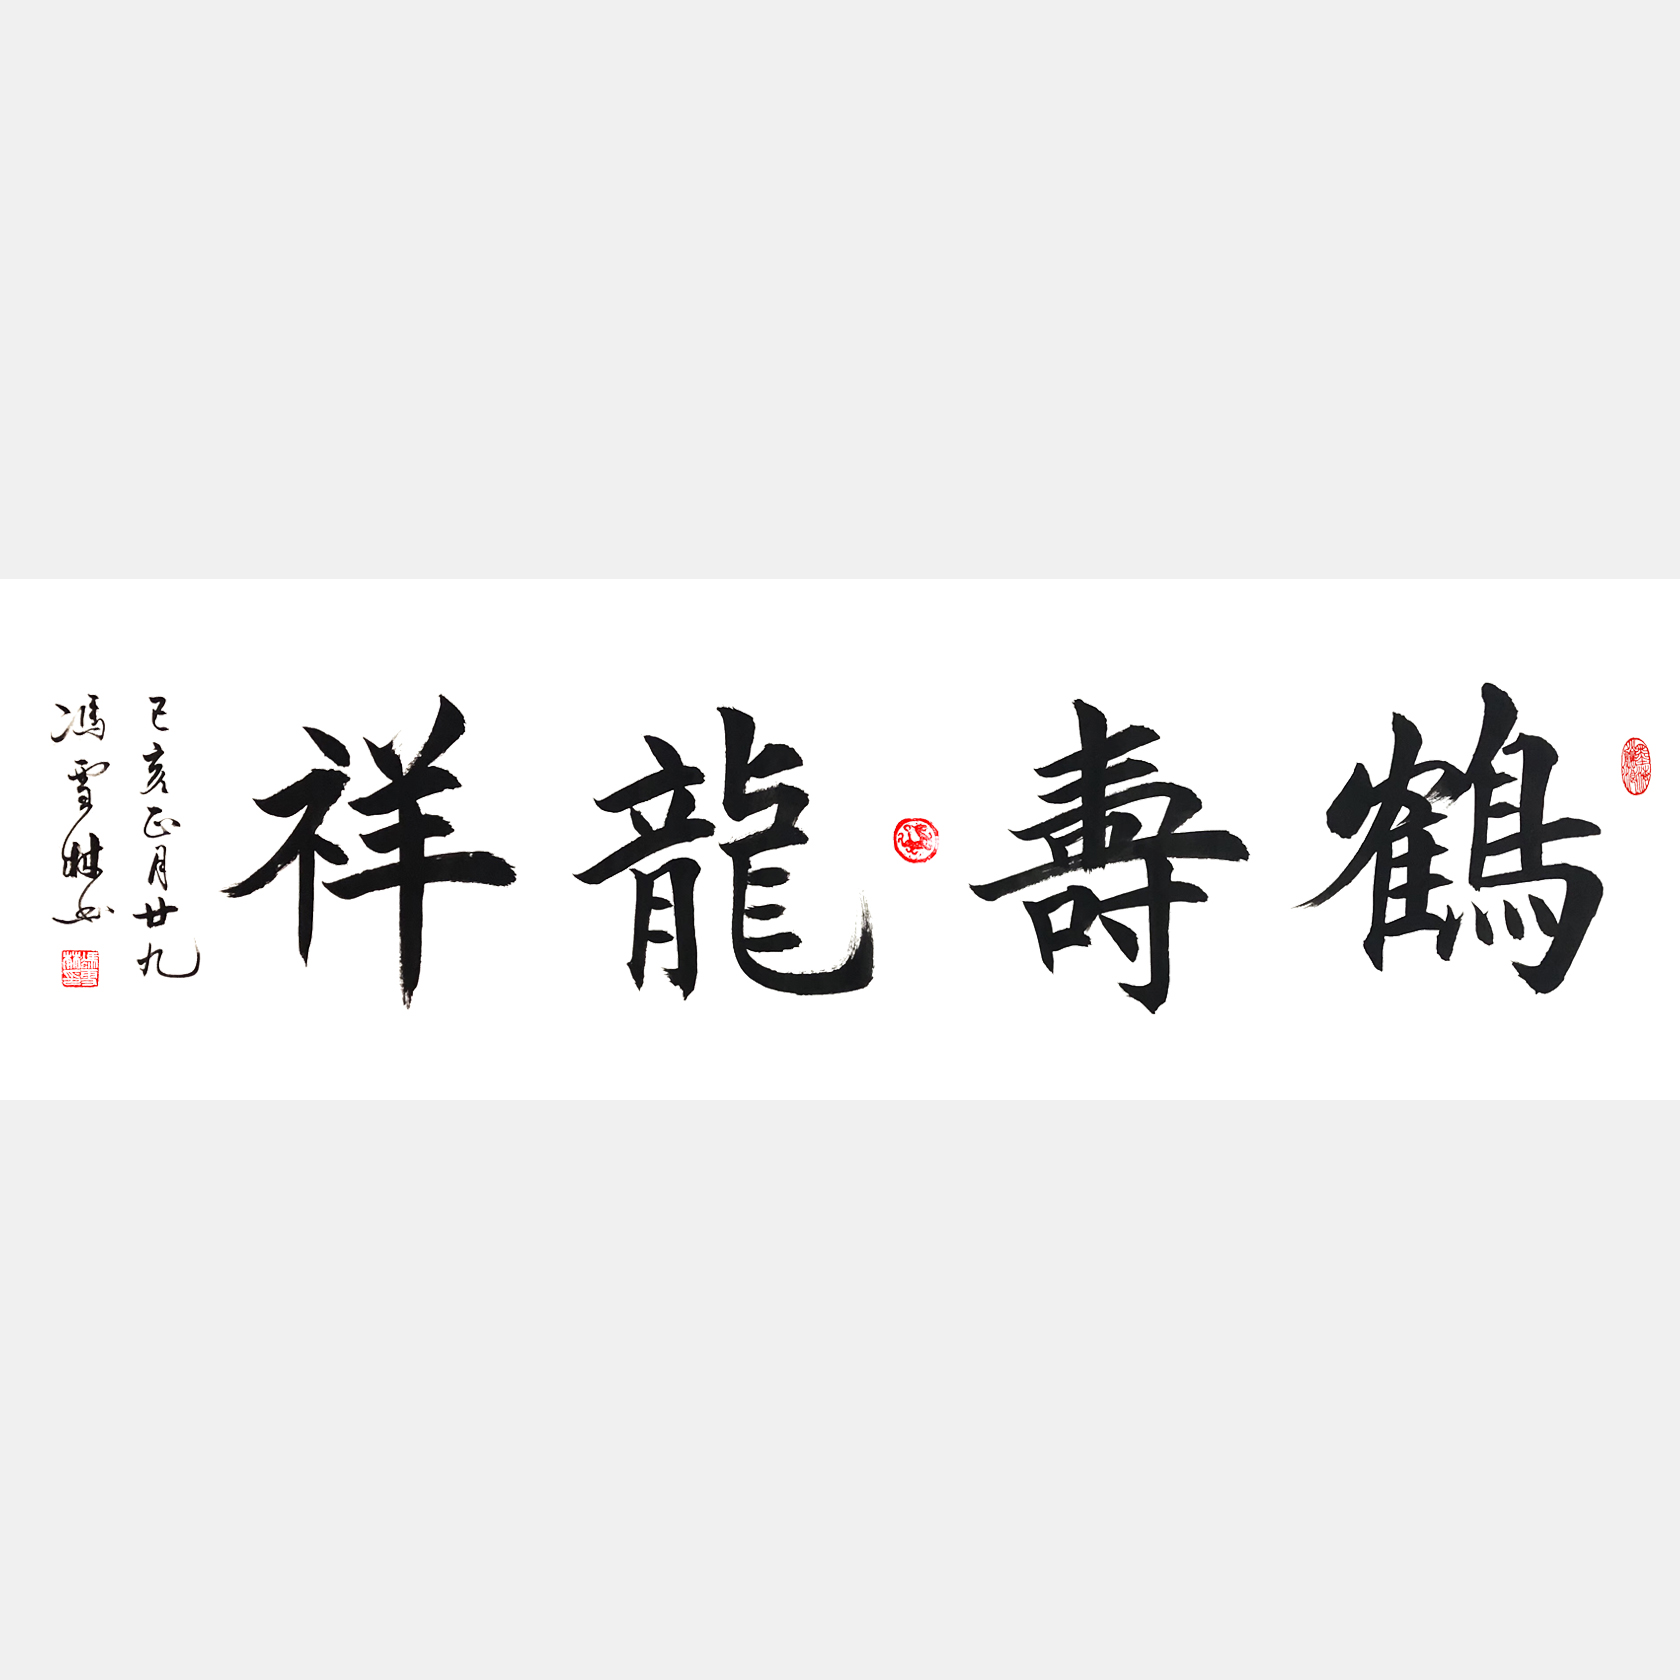 鹤寿龙祥书法作品 楷书四尺横幅 寓意吉祥多寿字画